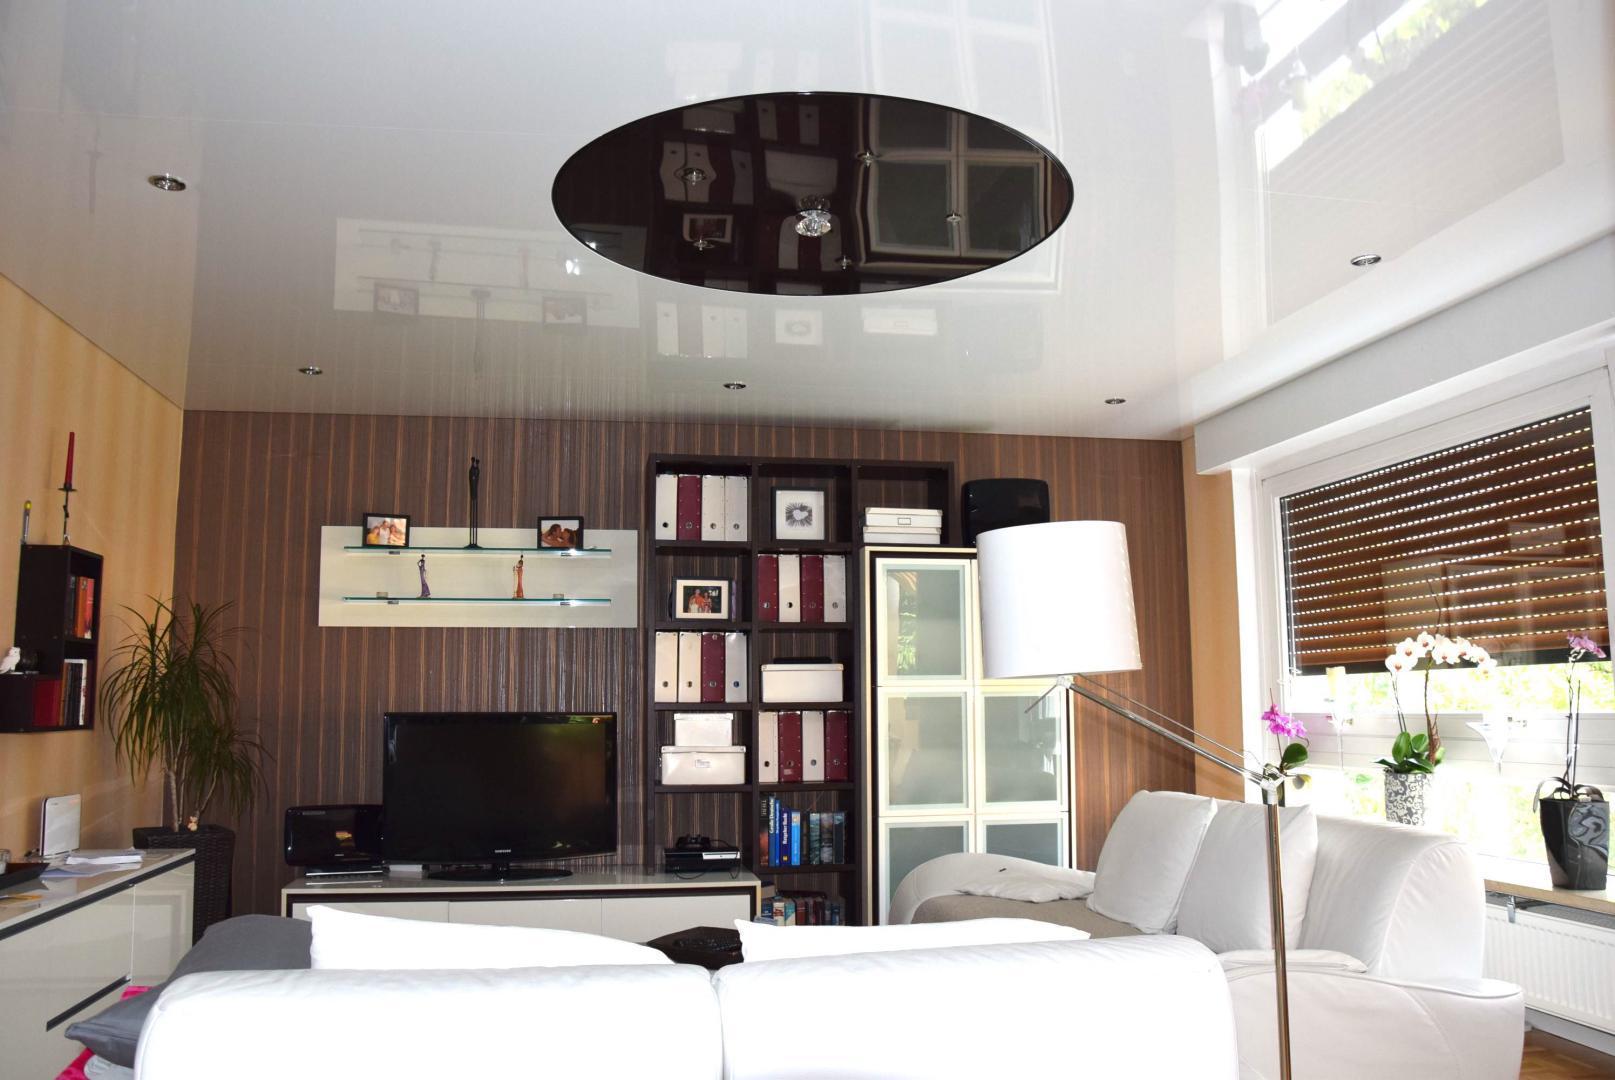 Full Size of Schöne Decken Wohnzimmer Schne Beispiel Moderne Tideckenlampe Deckenleuchten Schlafzimmer Deckenlampe Esstisch Deckenlampen Für Deckenleuchte Bad Led Wohnzimmer Schöne Decken